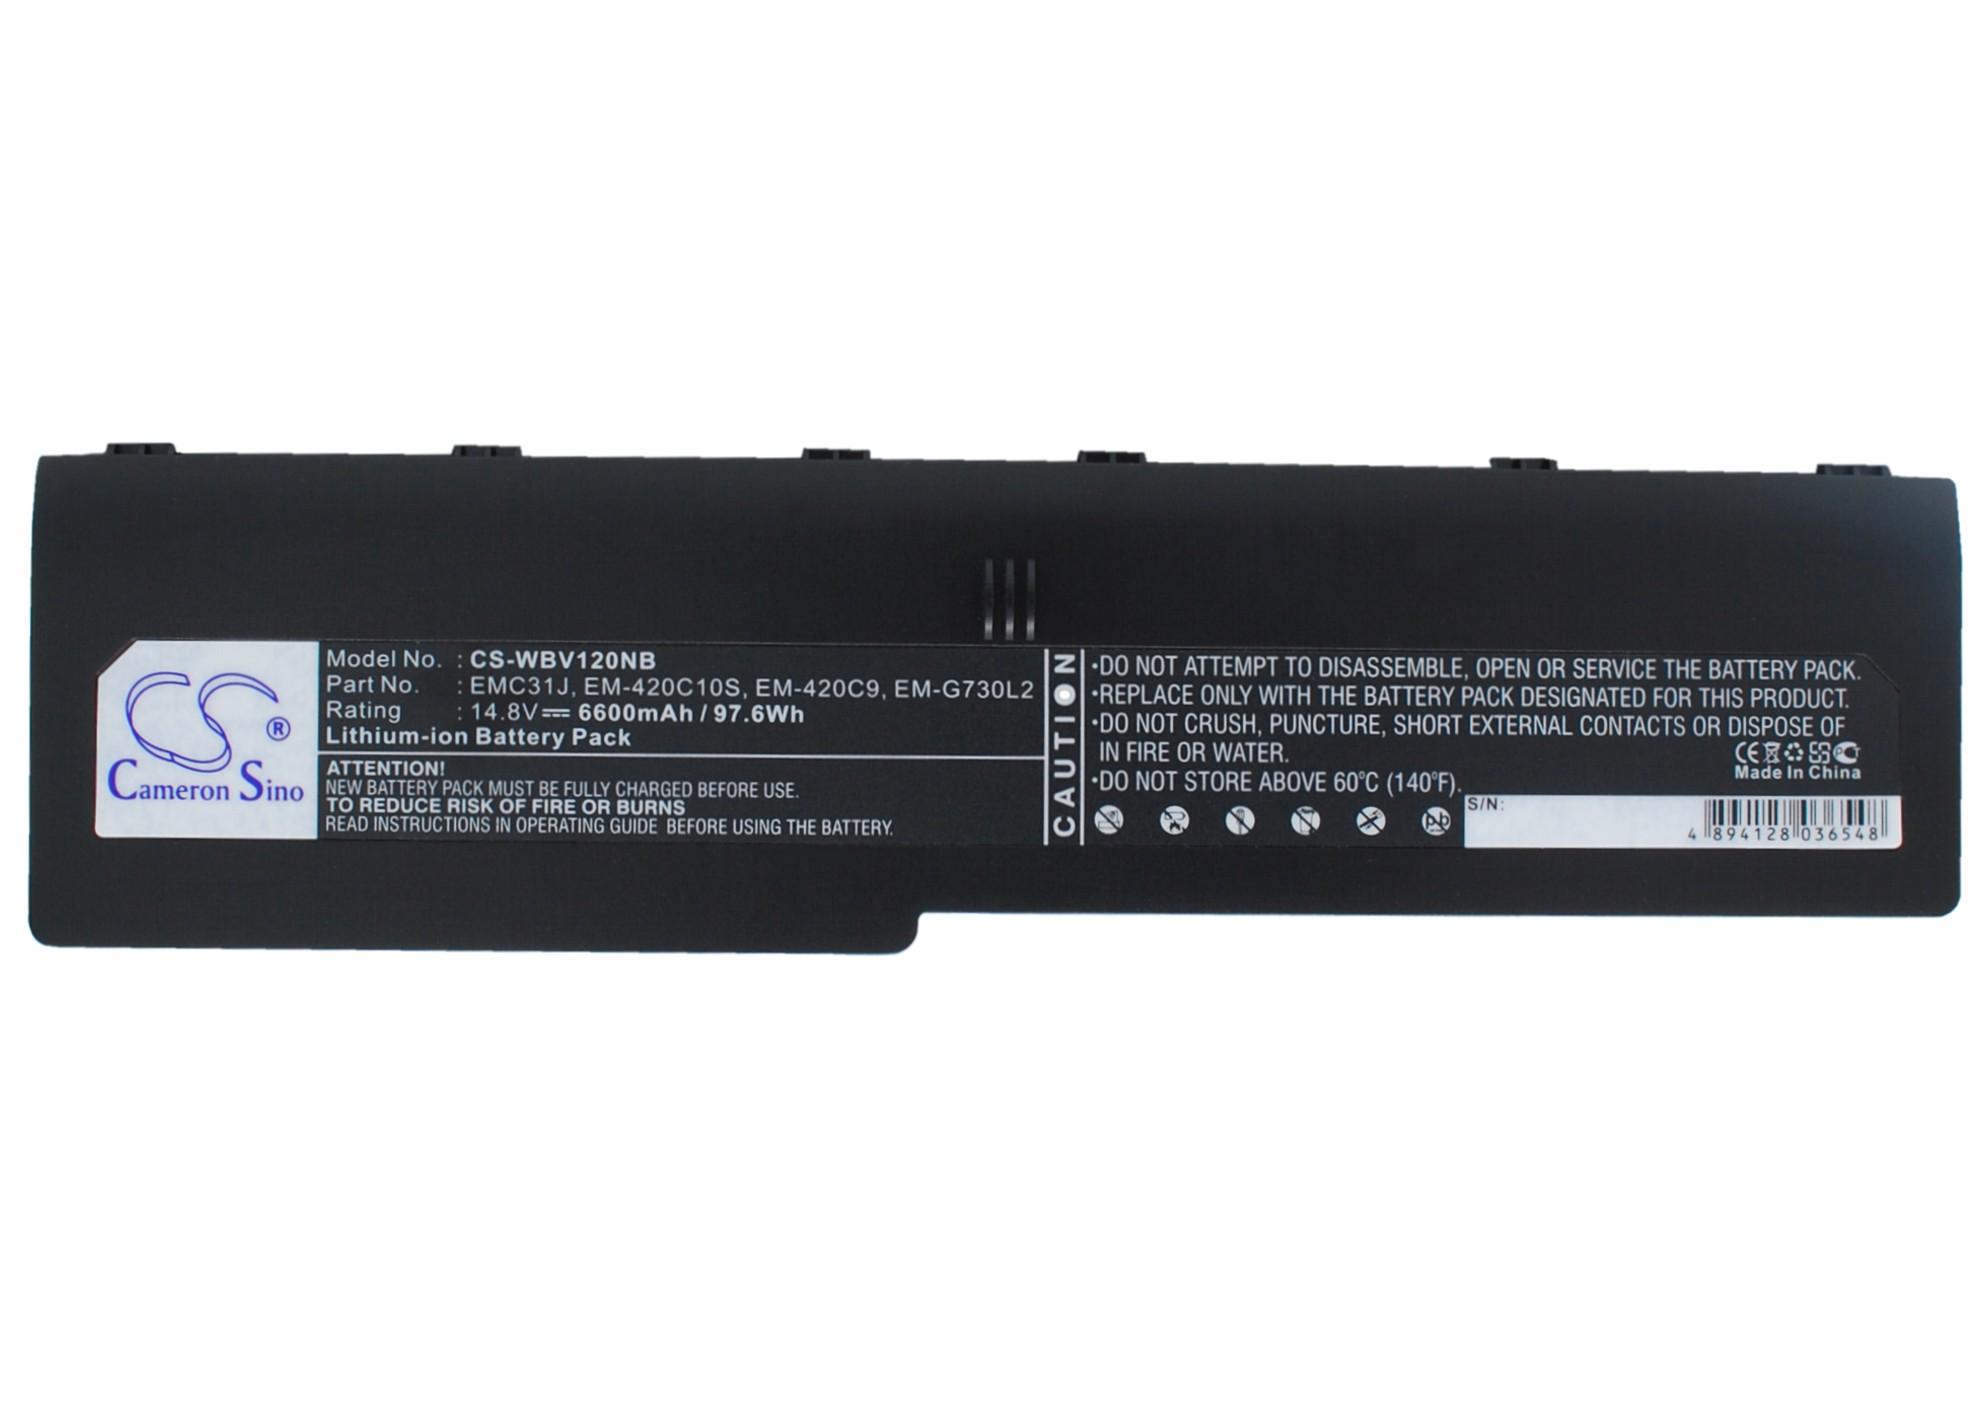 Cameron Sino baterie do notebooků pro MASTERPIECE 1630 DVD 14.8V Li-ion 6600mAh černá - neoriginální